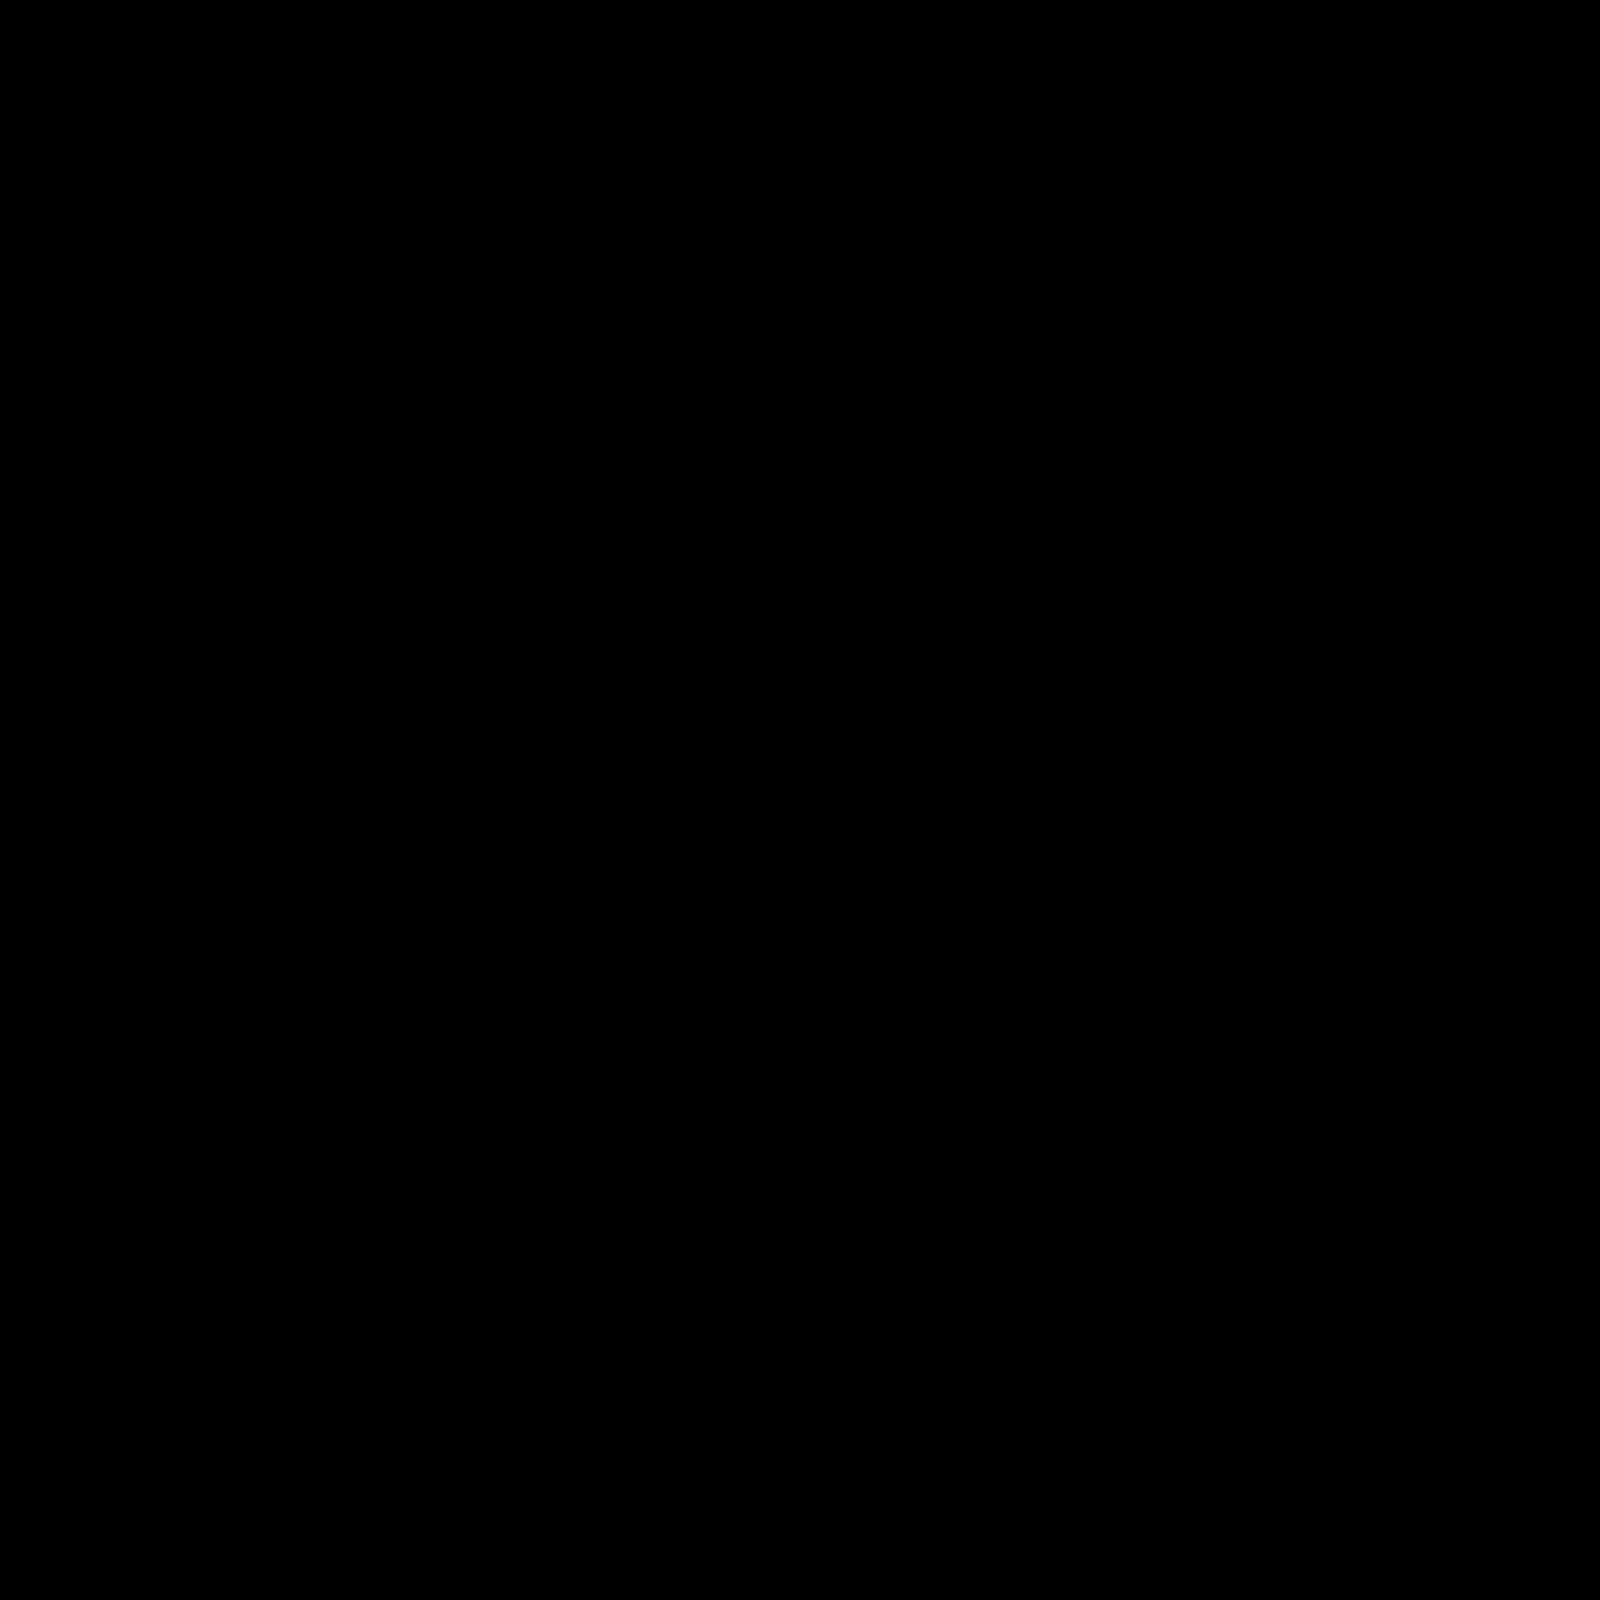 icône アドレス帳 téléchargement gratuit en png et vecteurs